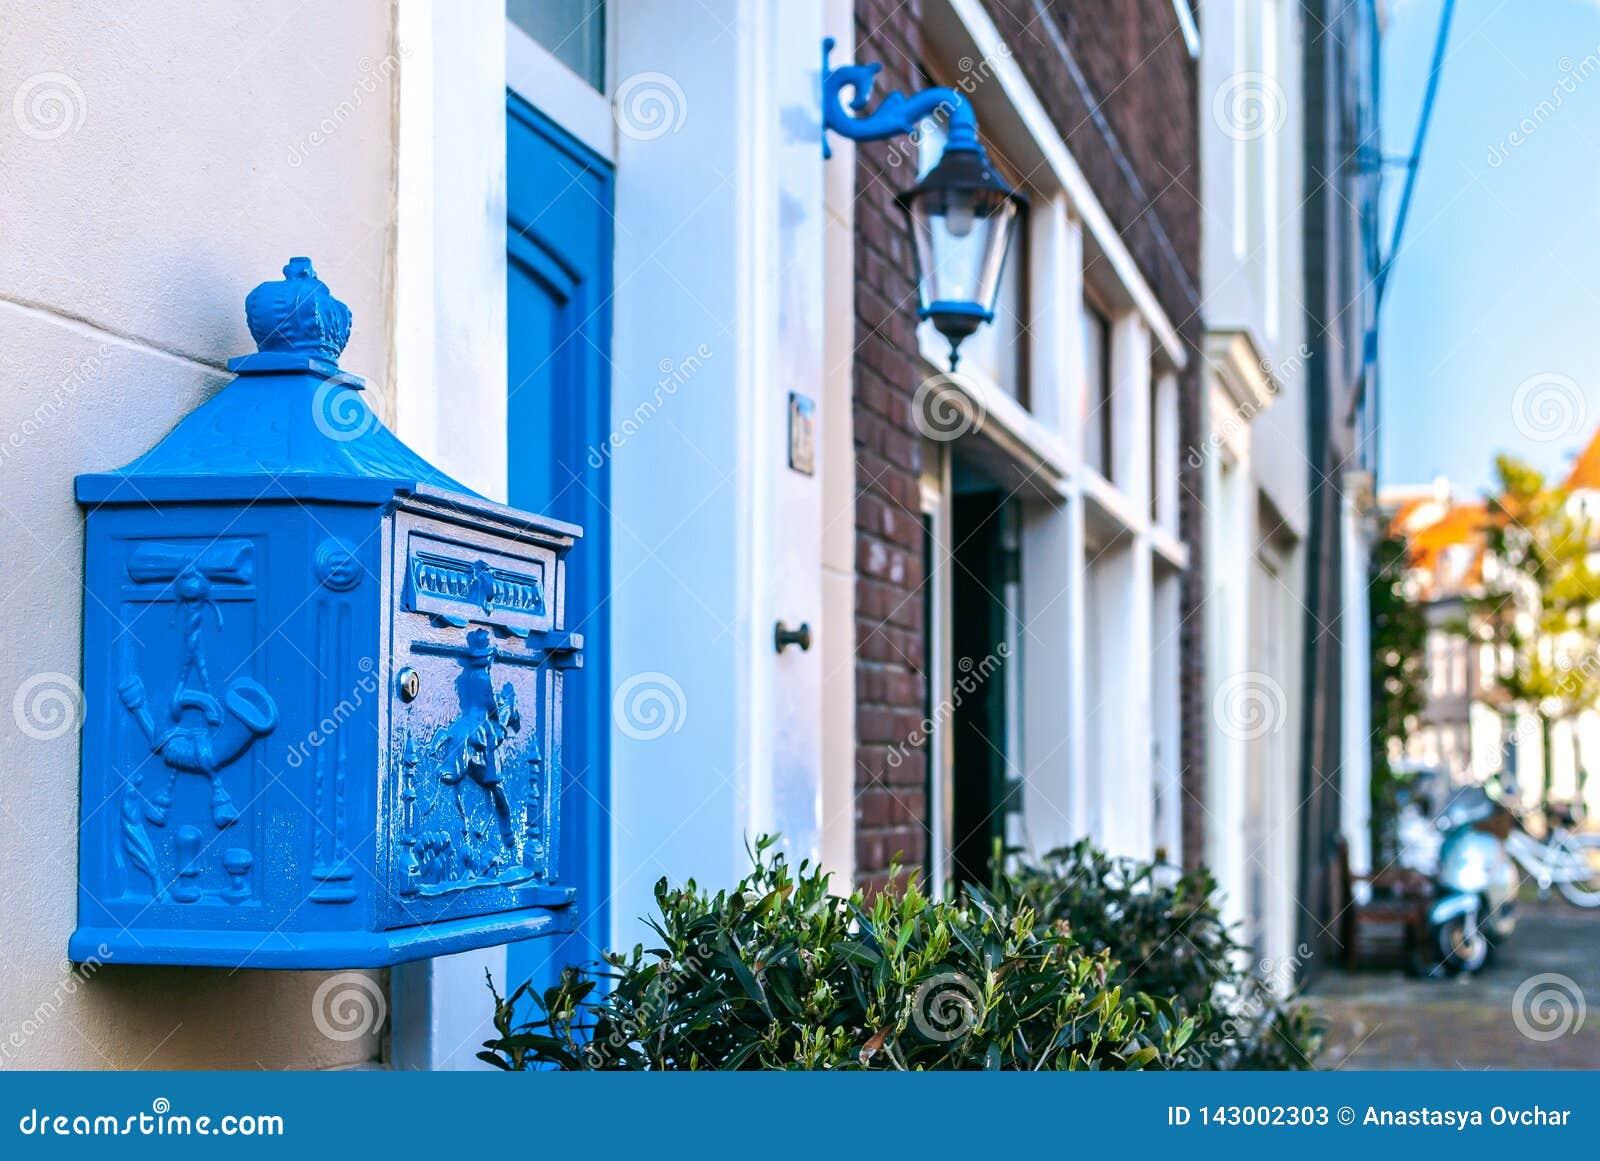 Un primer de un buzón holandés azul profundo hermoso adornado con un bajorrelieve con una opinión de la calle en el fondo